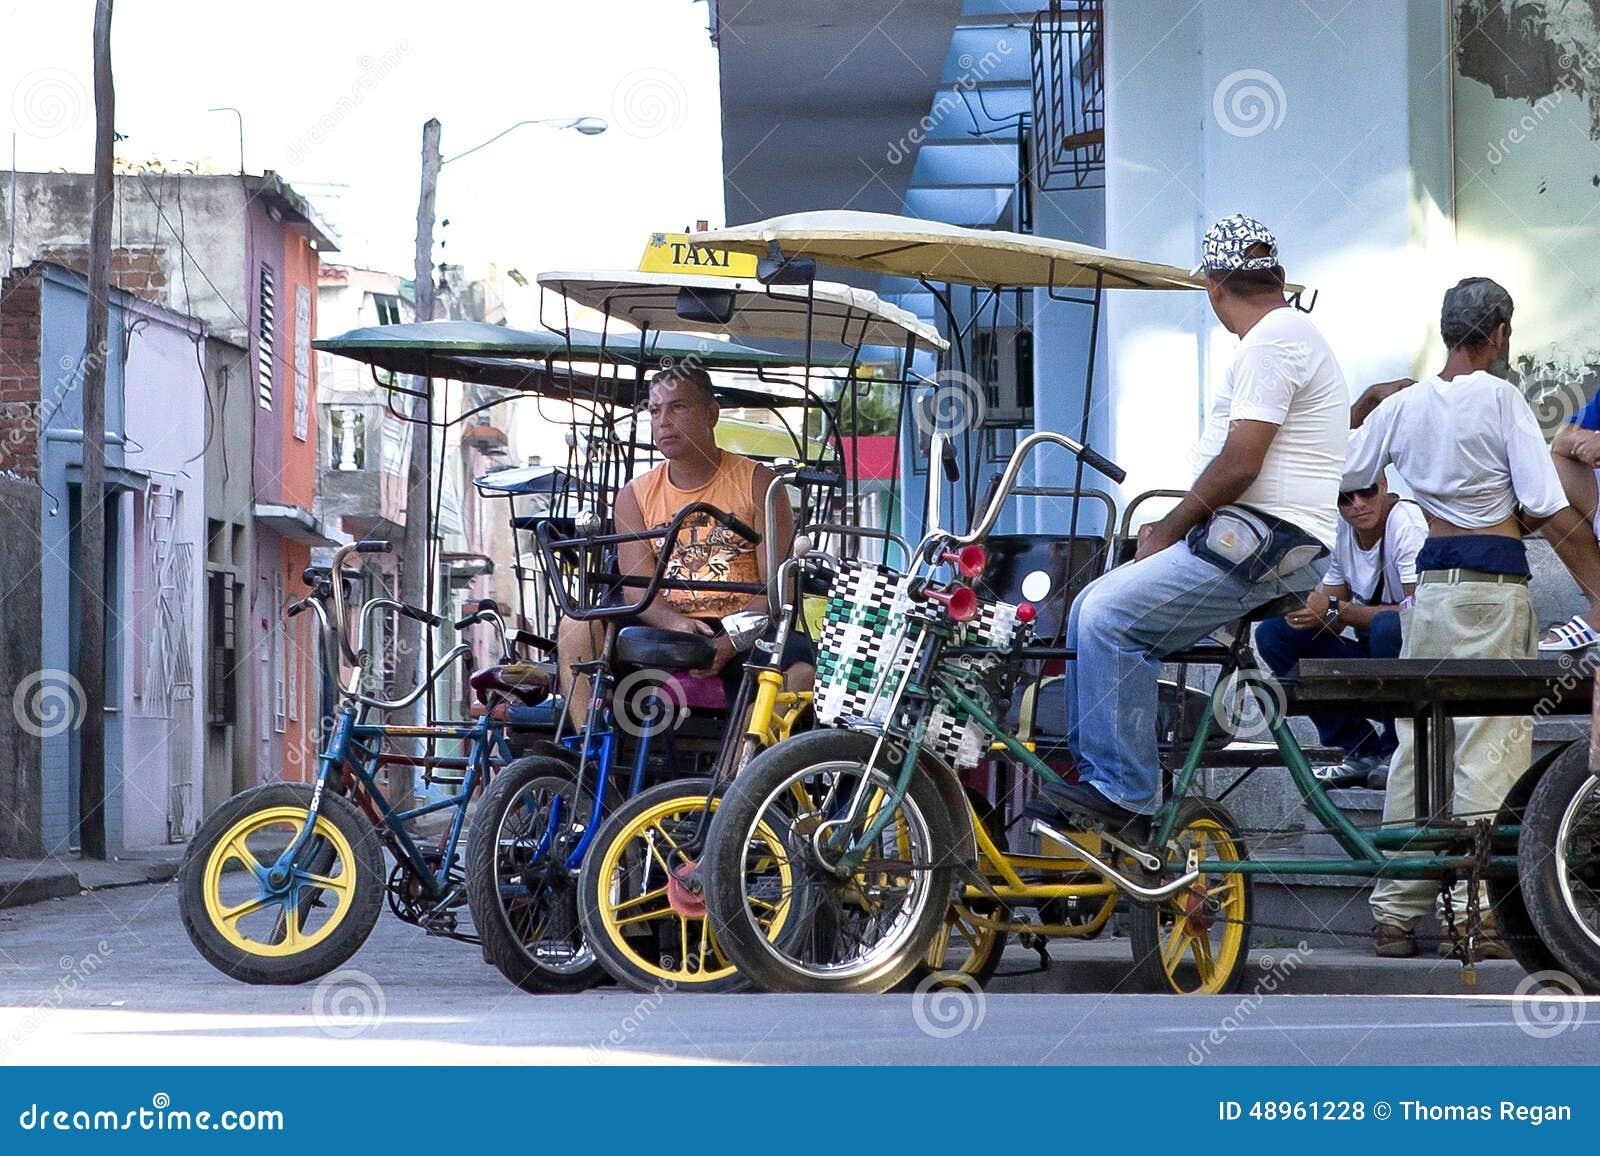 Taxicirkuleringar i Camaguey, Kuba